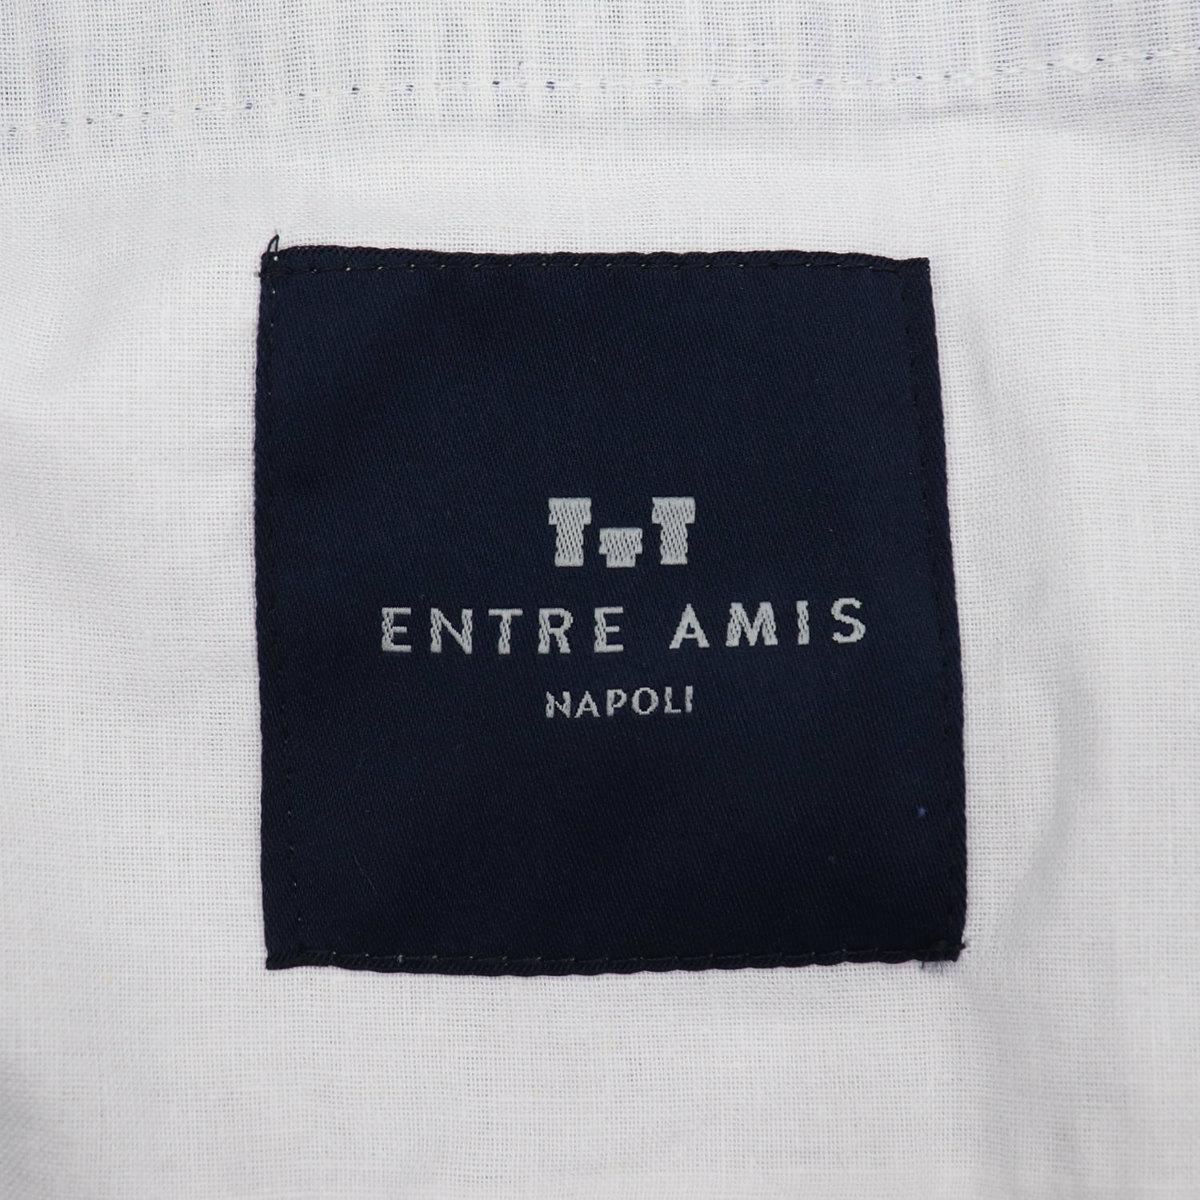 アントレアミ ENTRE AMIS メンズ リネン混コットン シアサッカー ストライプテーパードパンツ P21-JAPAN2 ENT 1908 4002(ホワイト×ネイビー) 春夏新作